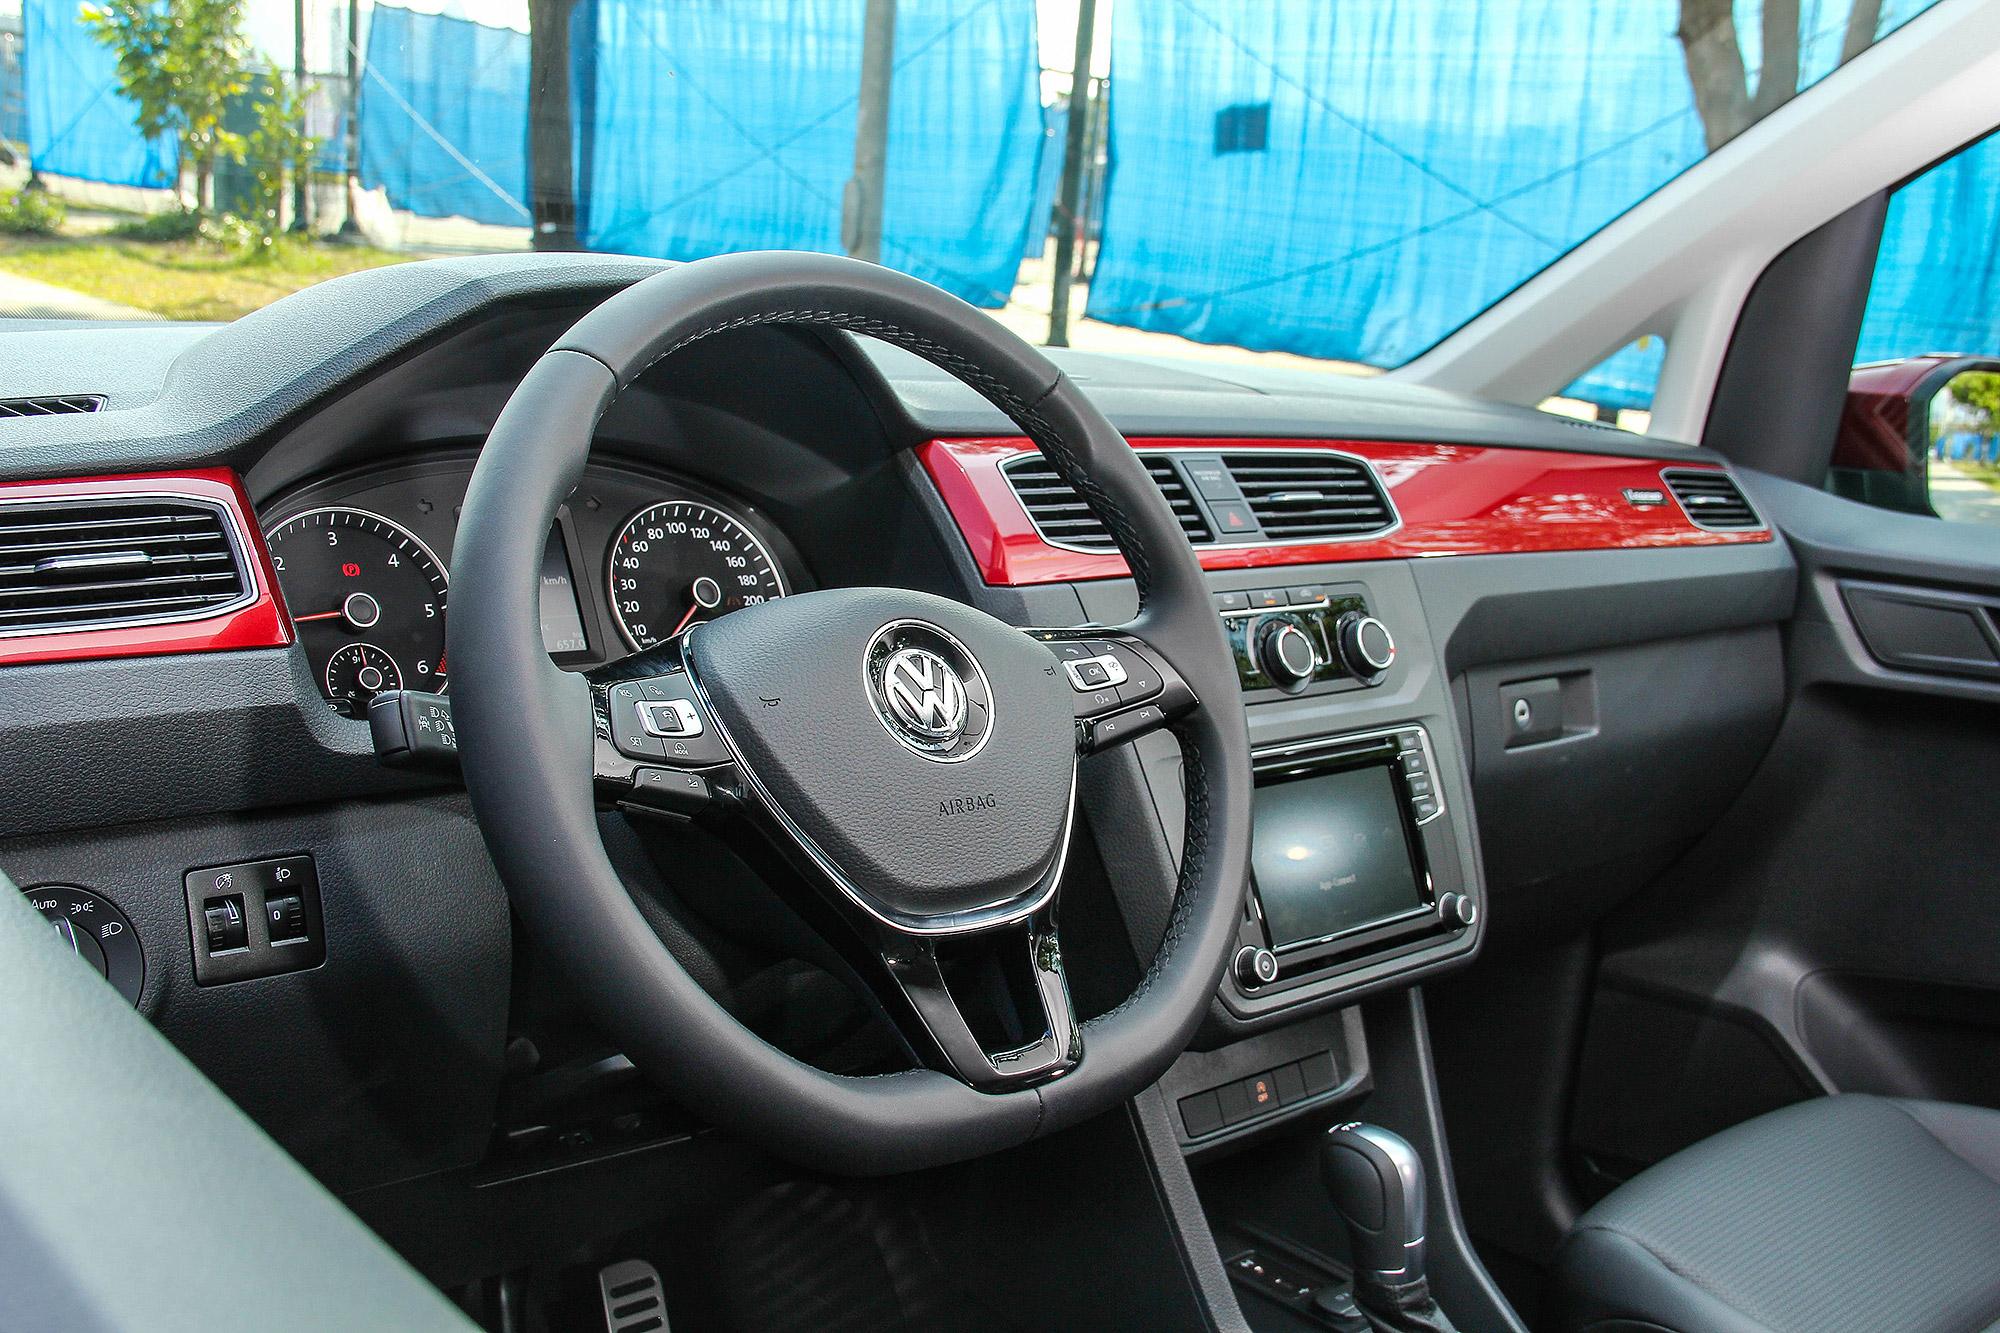 Caddy Maxi Home Run 傳奇版除了質感配備的升級,最大的重點是 iSafe 全智能駕駛輔助系統的導入。